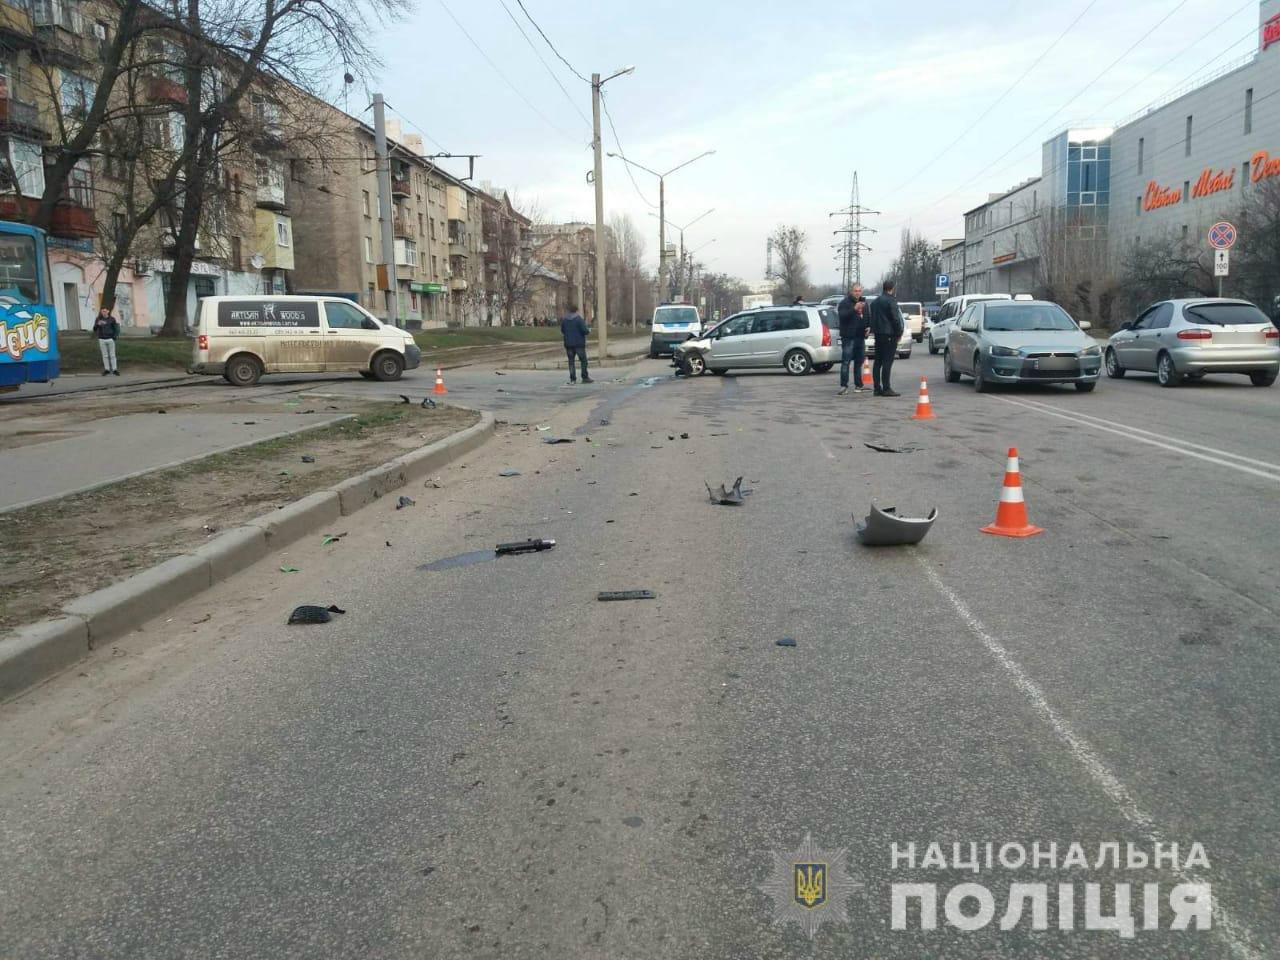 В Харькове легковой автомобиль «снес» насмерть мотоциклиста, - ФОТО, фото-2